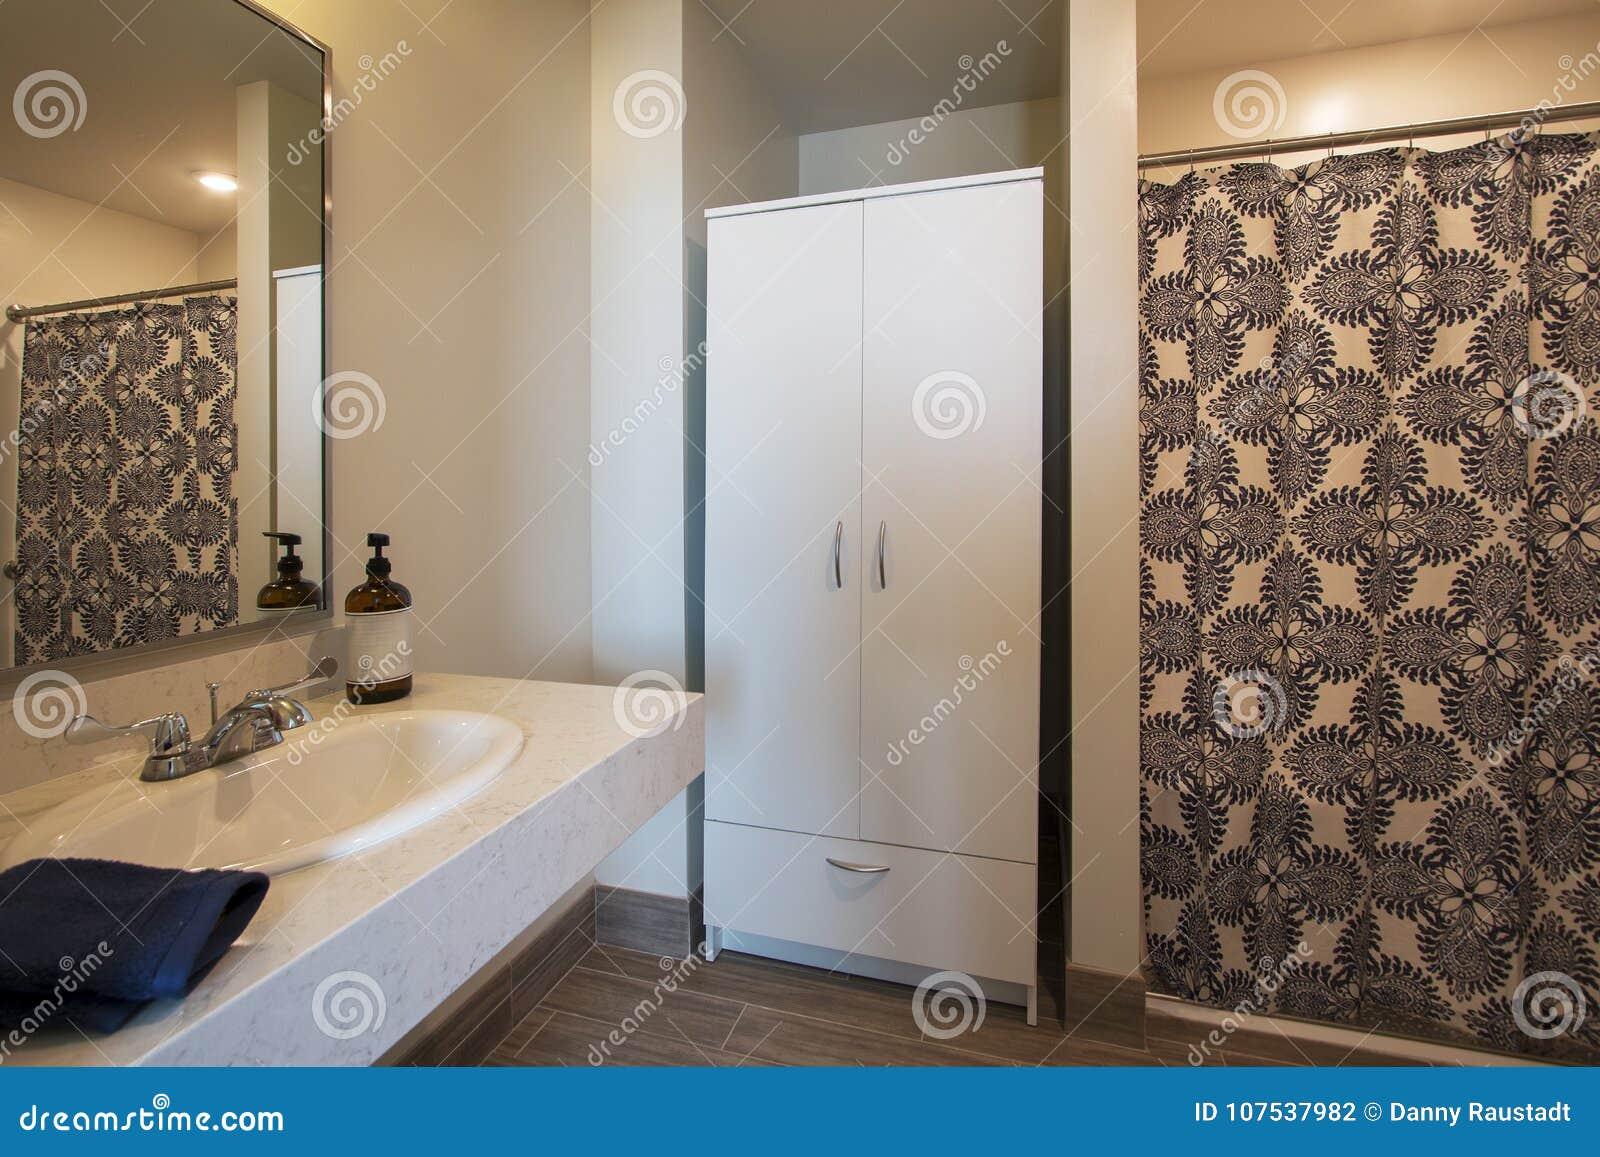 Neues Badezimmer Gestalten Um Stockfoto - Bild von gastfreundschaft ...